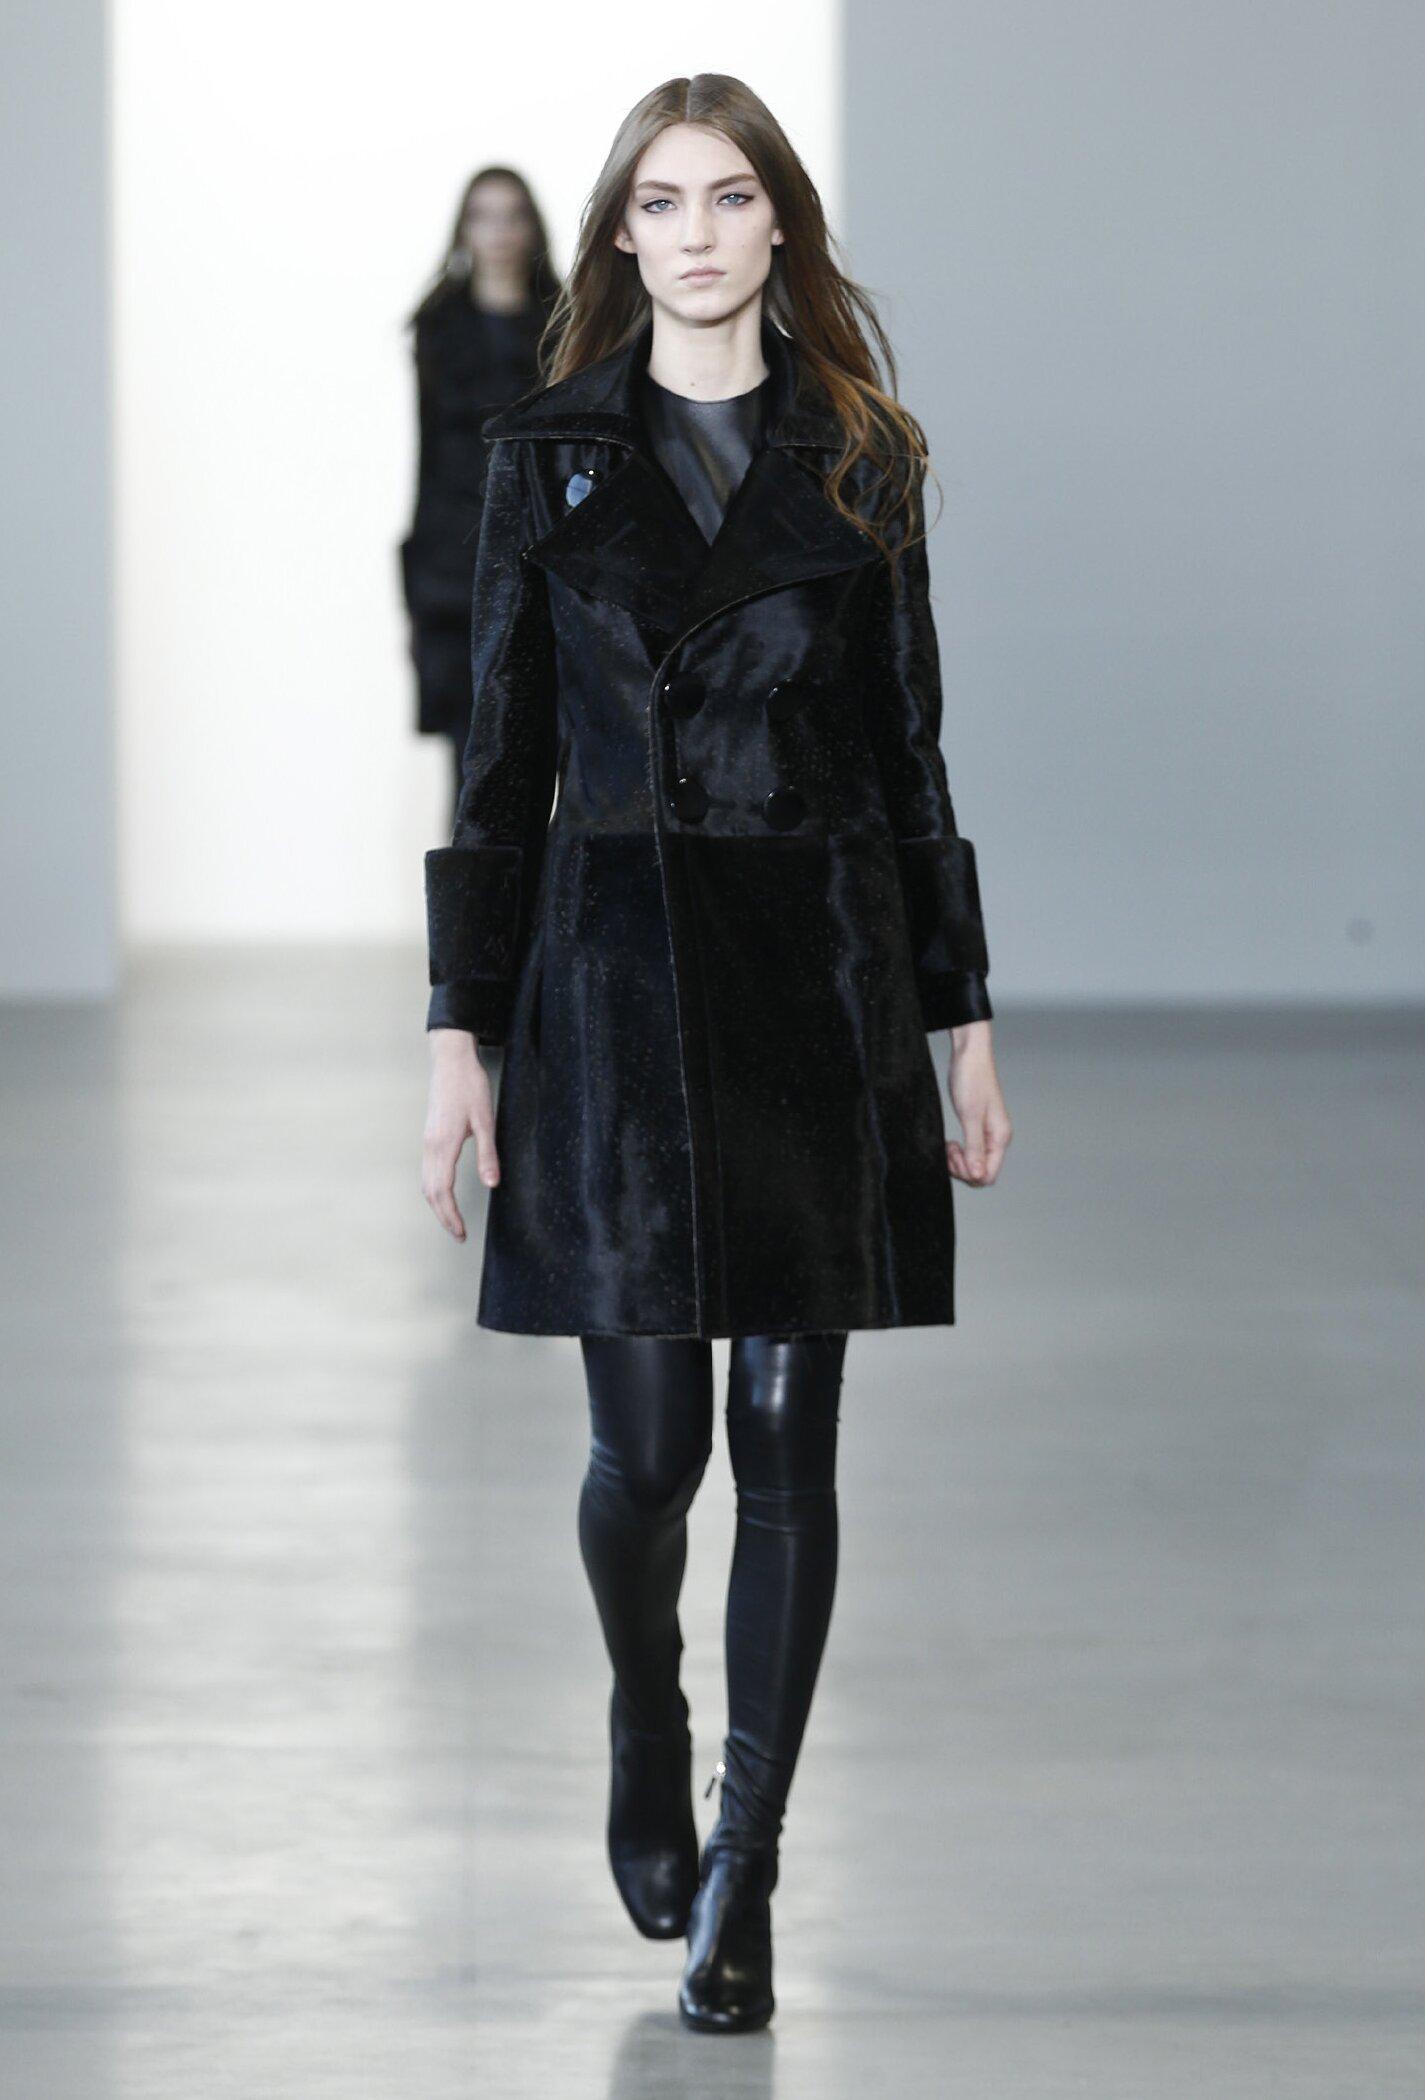 Fall Fashion Woman Calvin Klein Collection